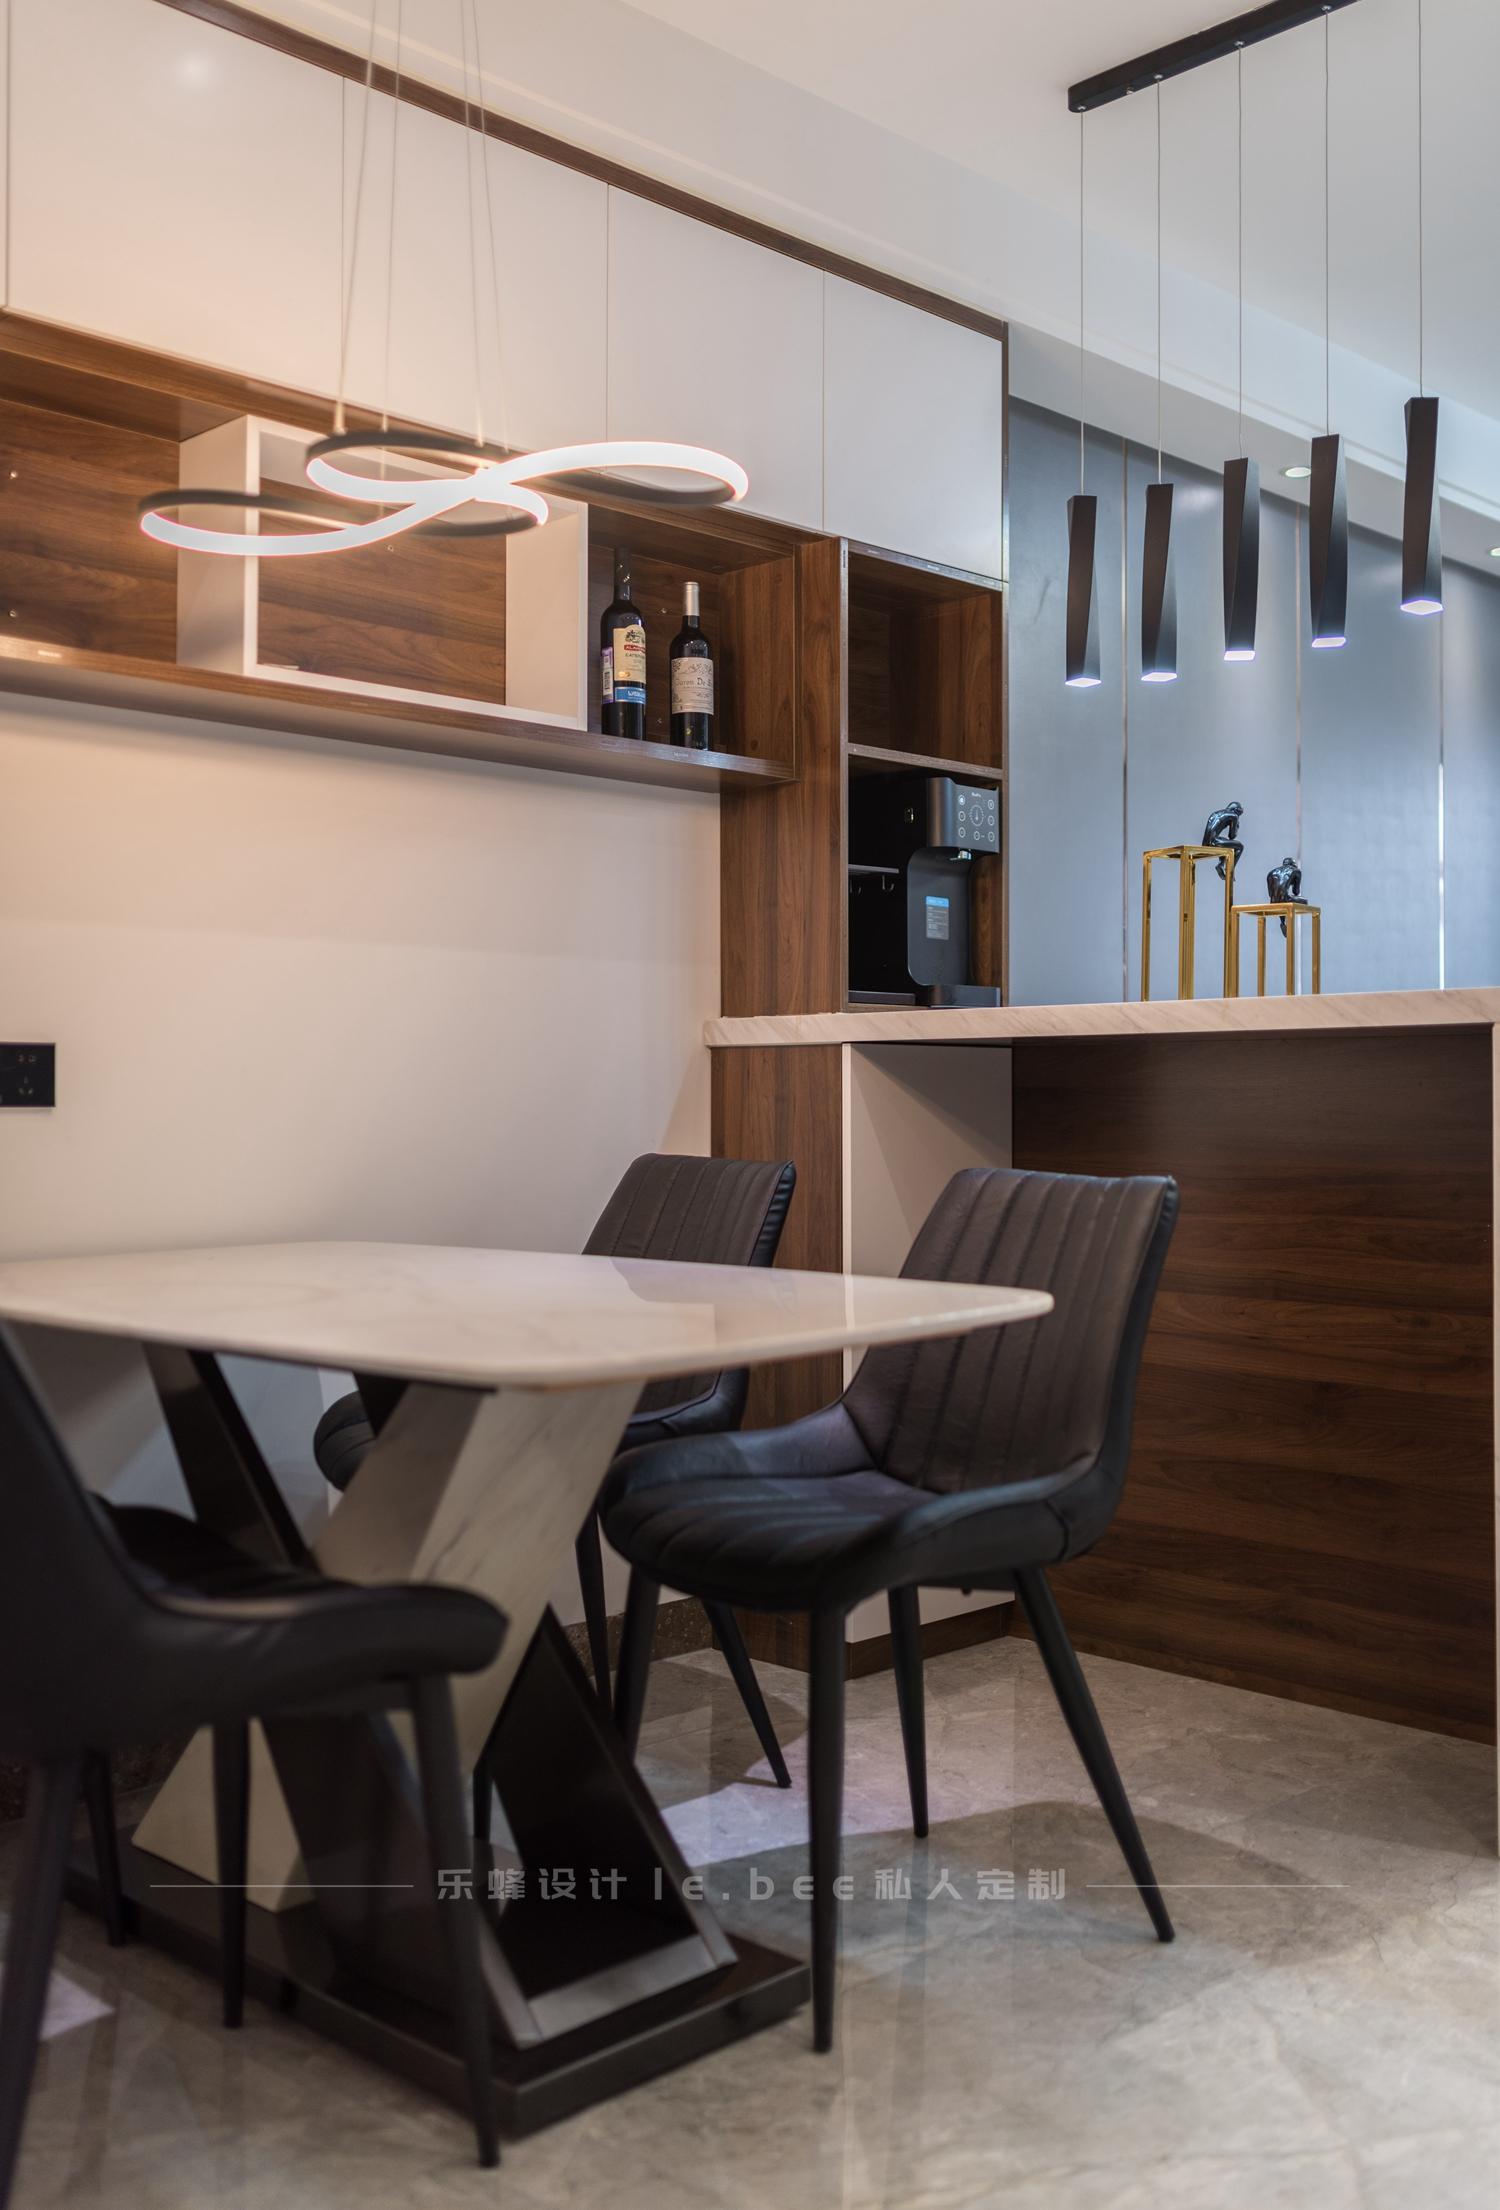 现代简约风二居装修餐桌椅设计图